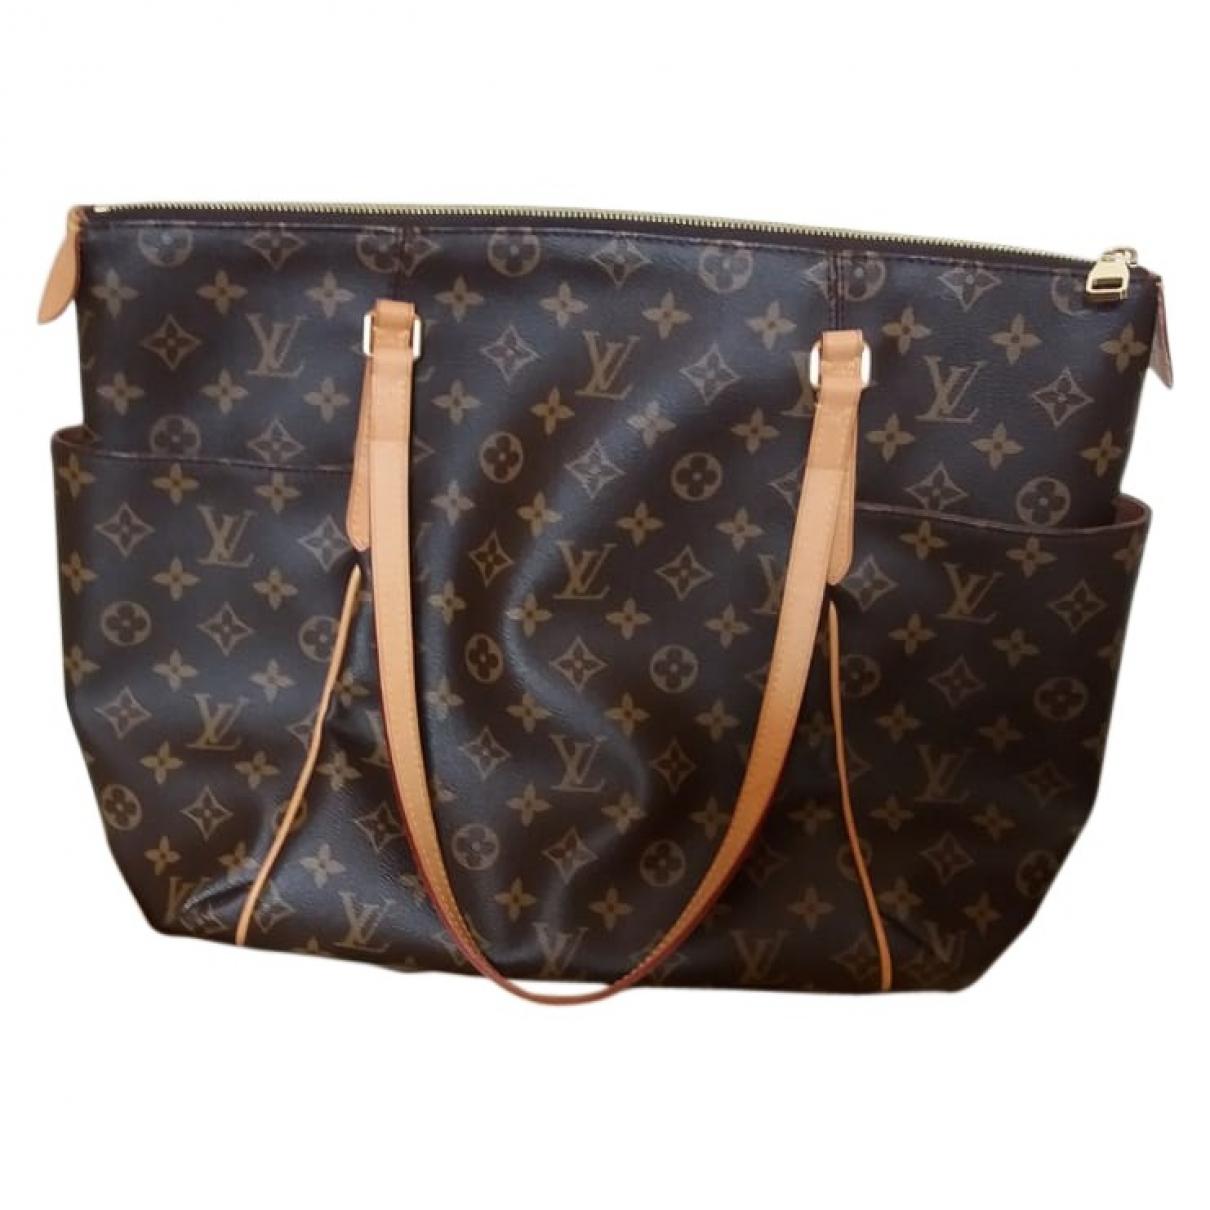 Louis Vuitton Totally Handtasche in  Braun Leinen